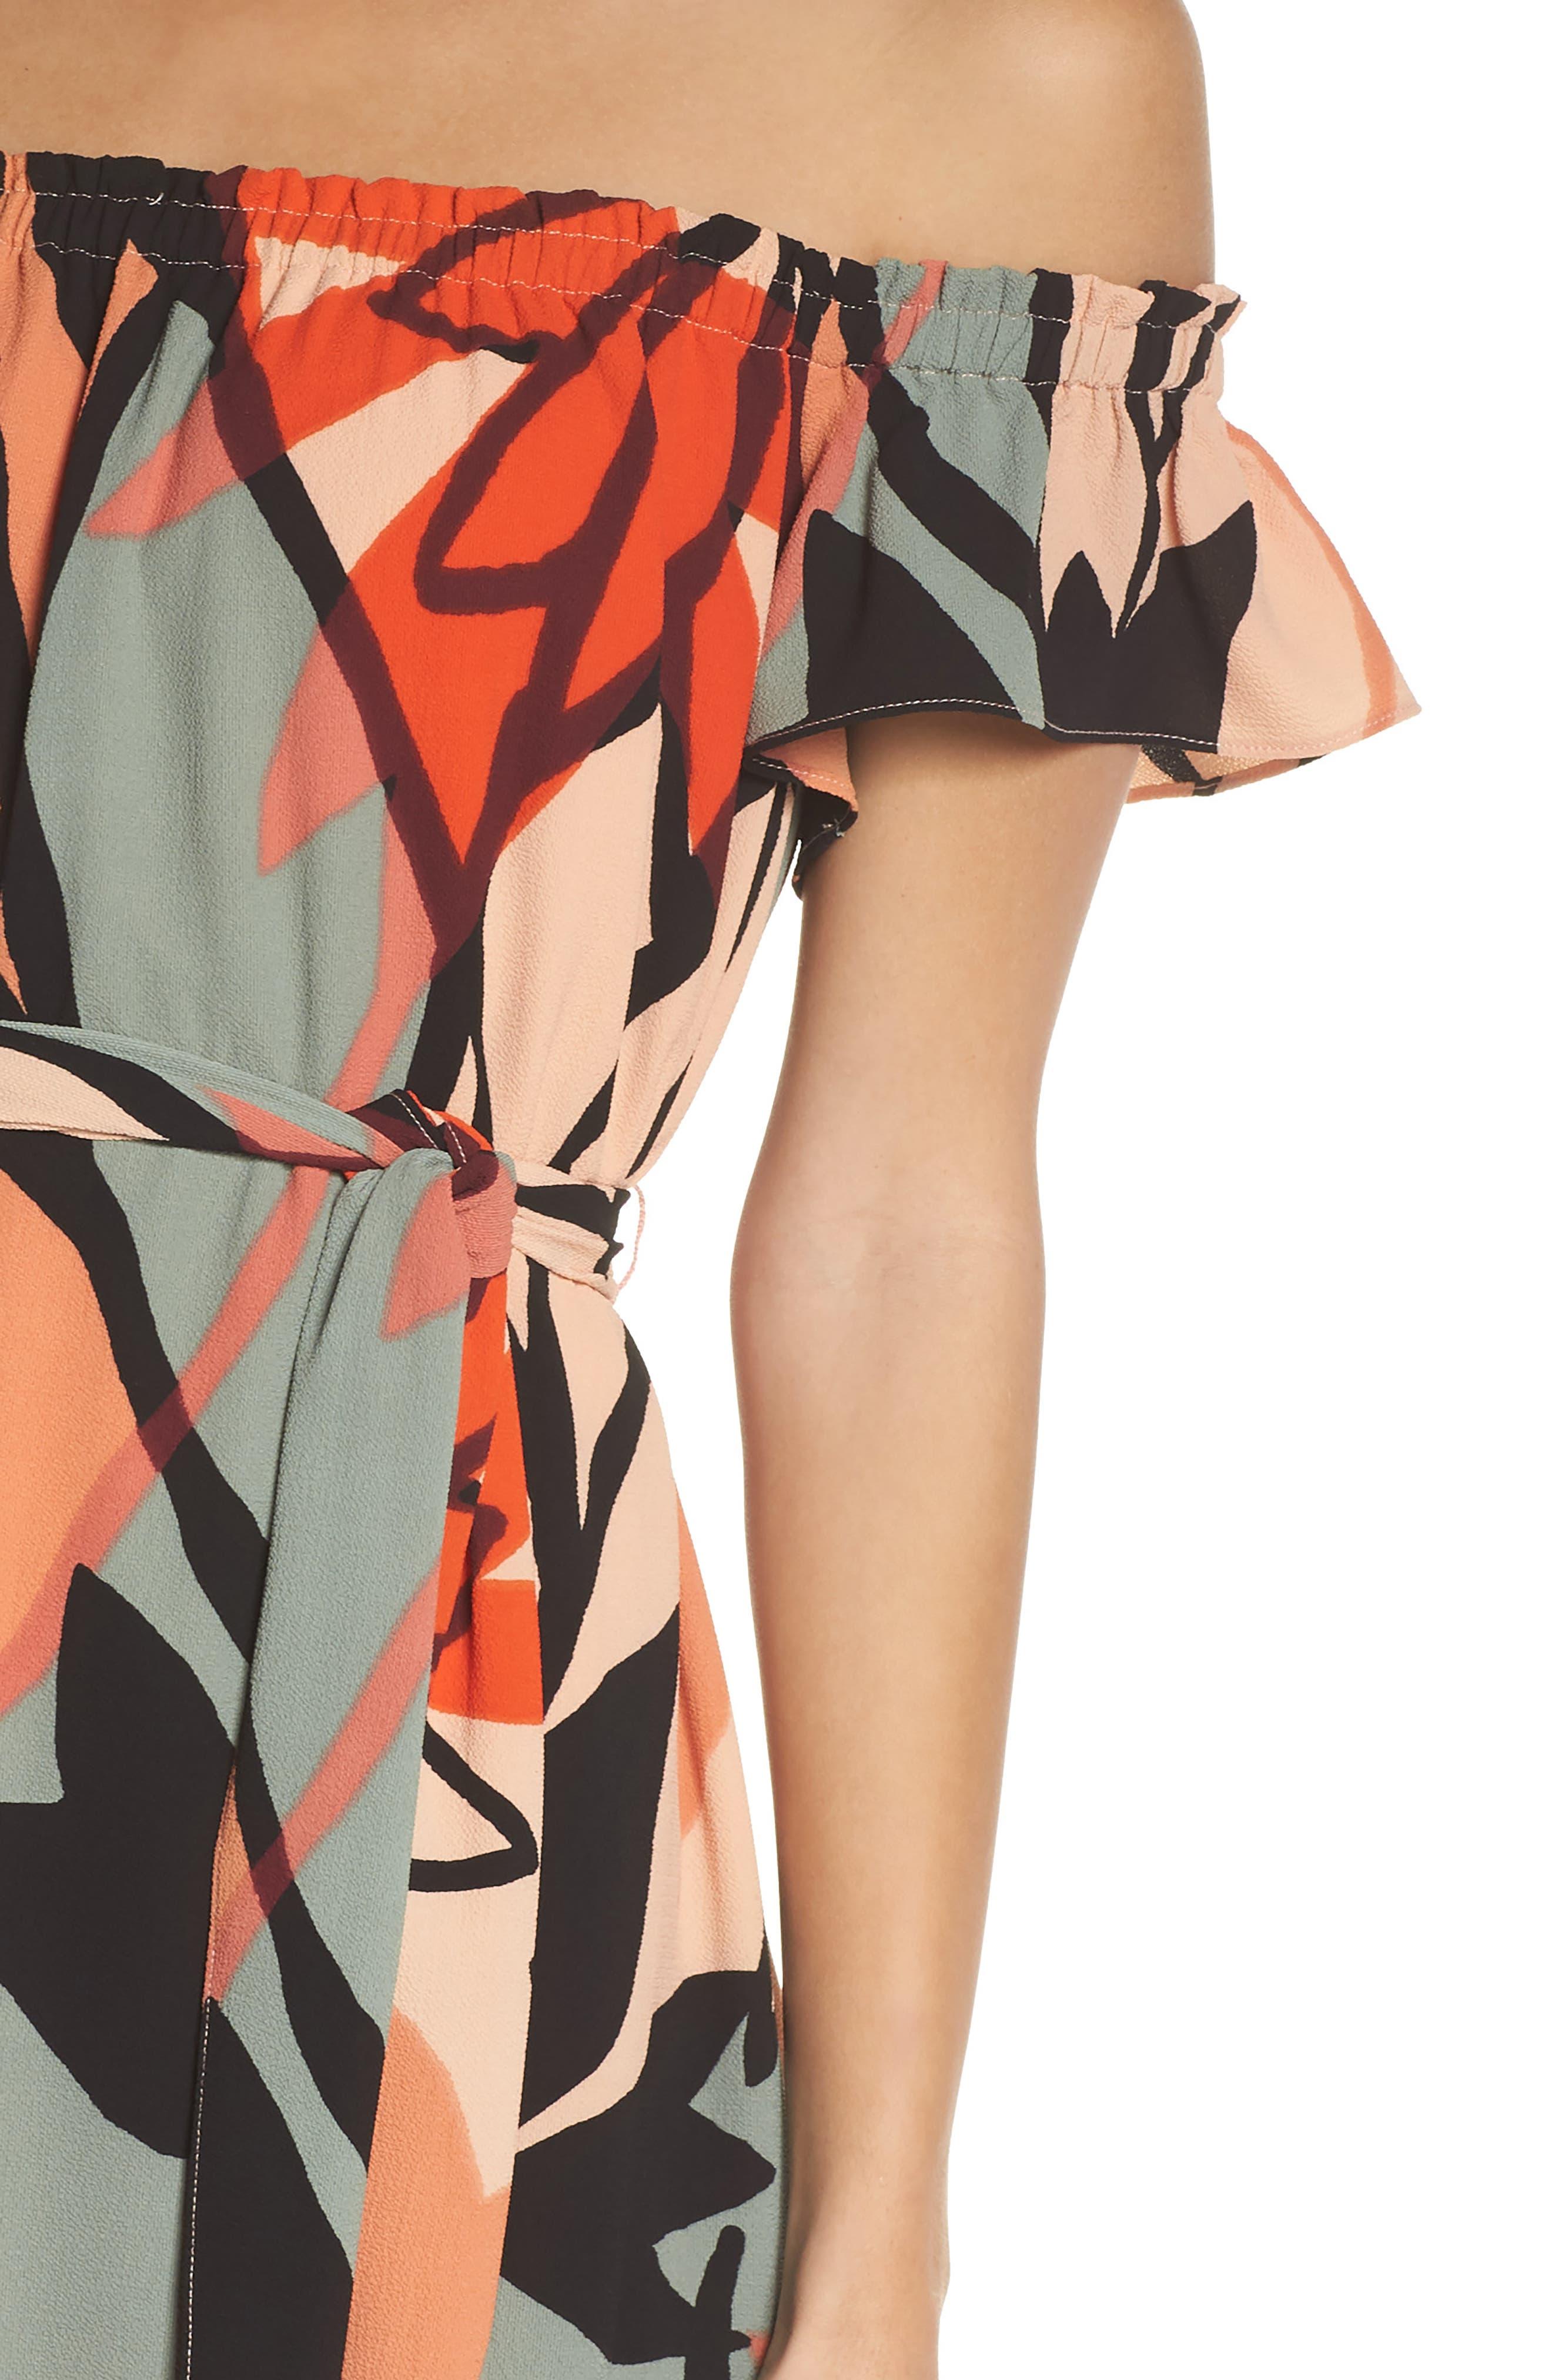 Off the Shoulder Bubble Crepe Dress,                             Alternate thumbnail 4, color,                             Peach / Black